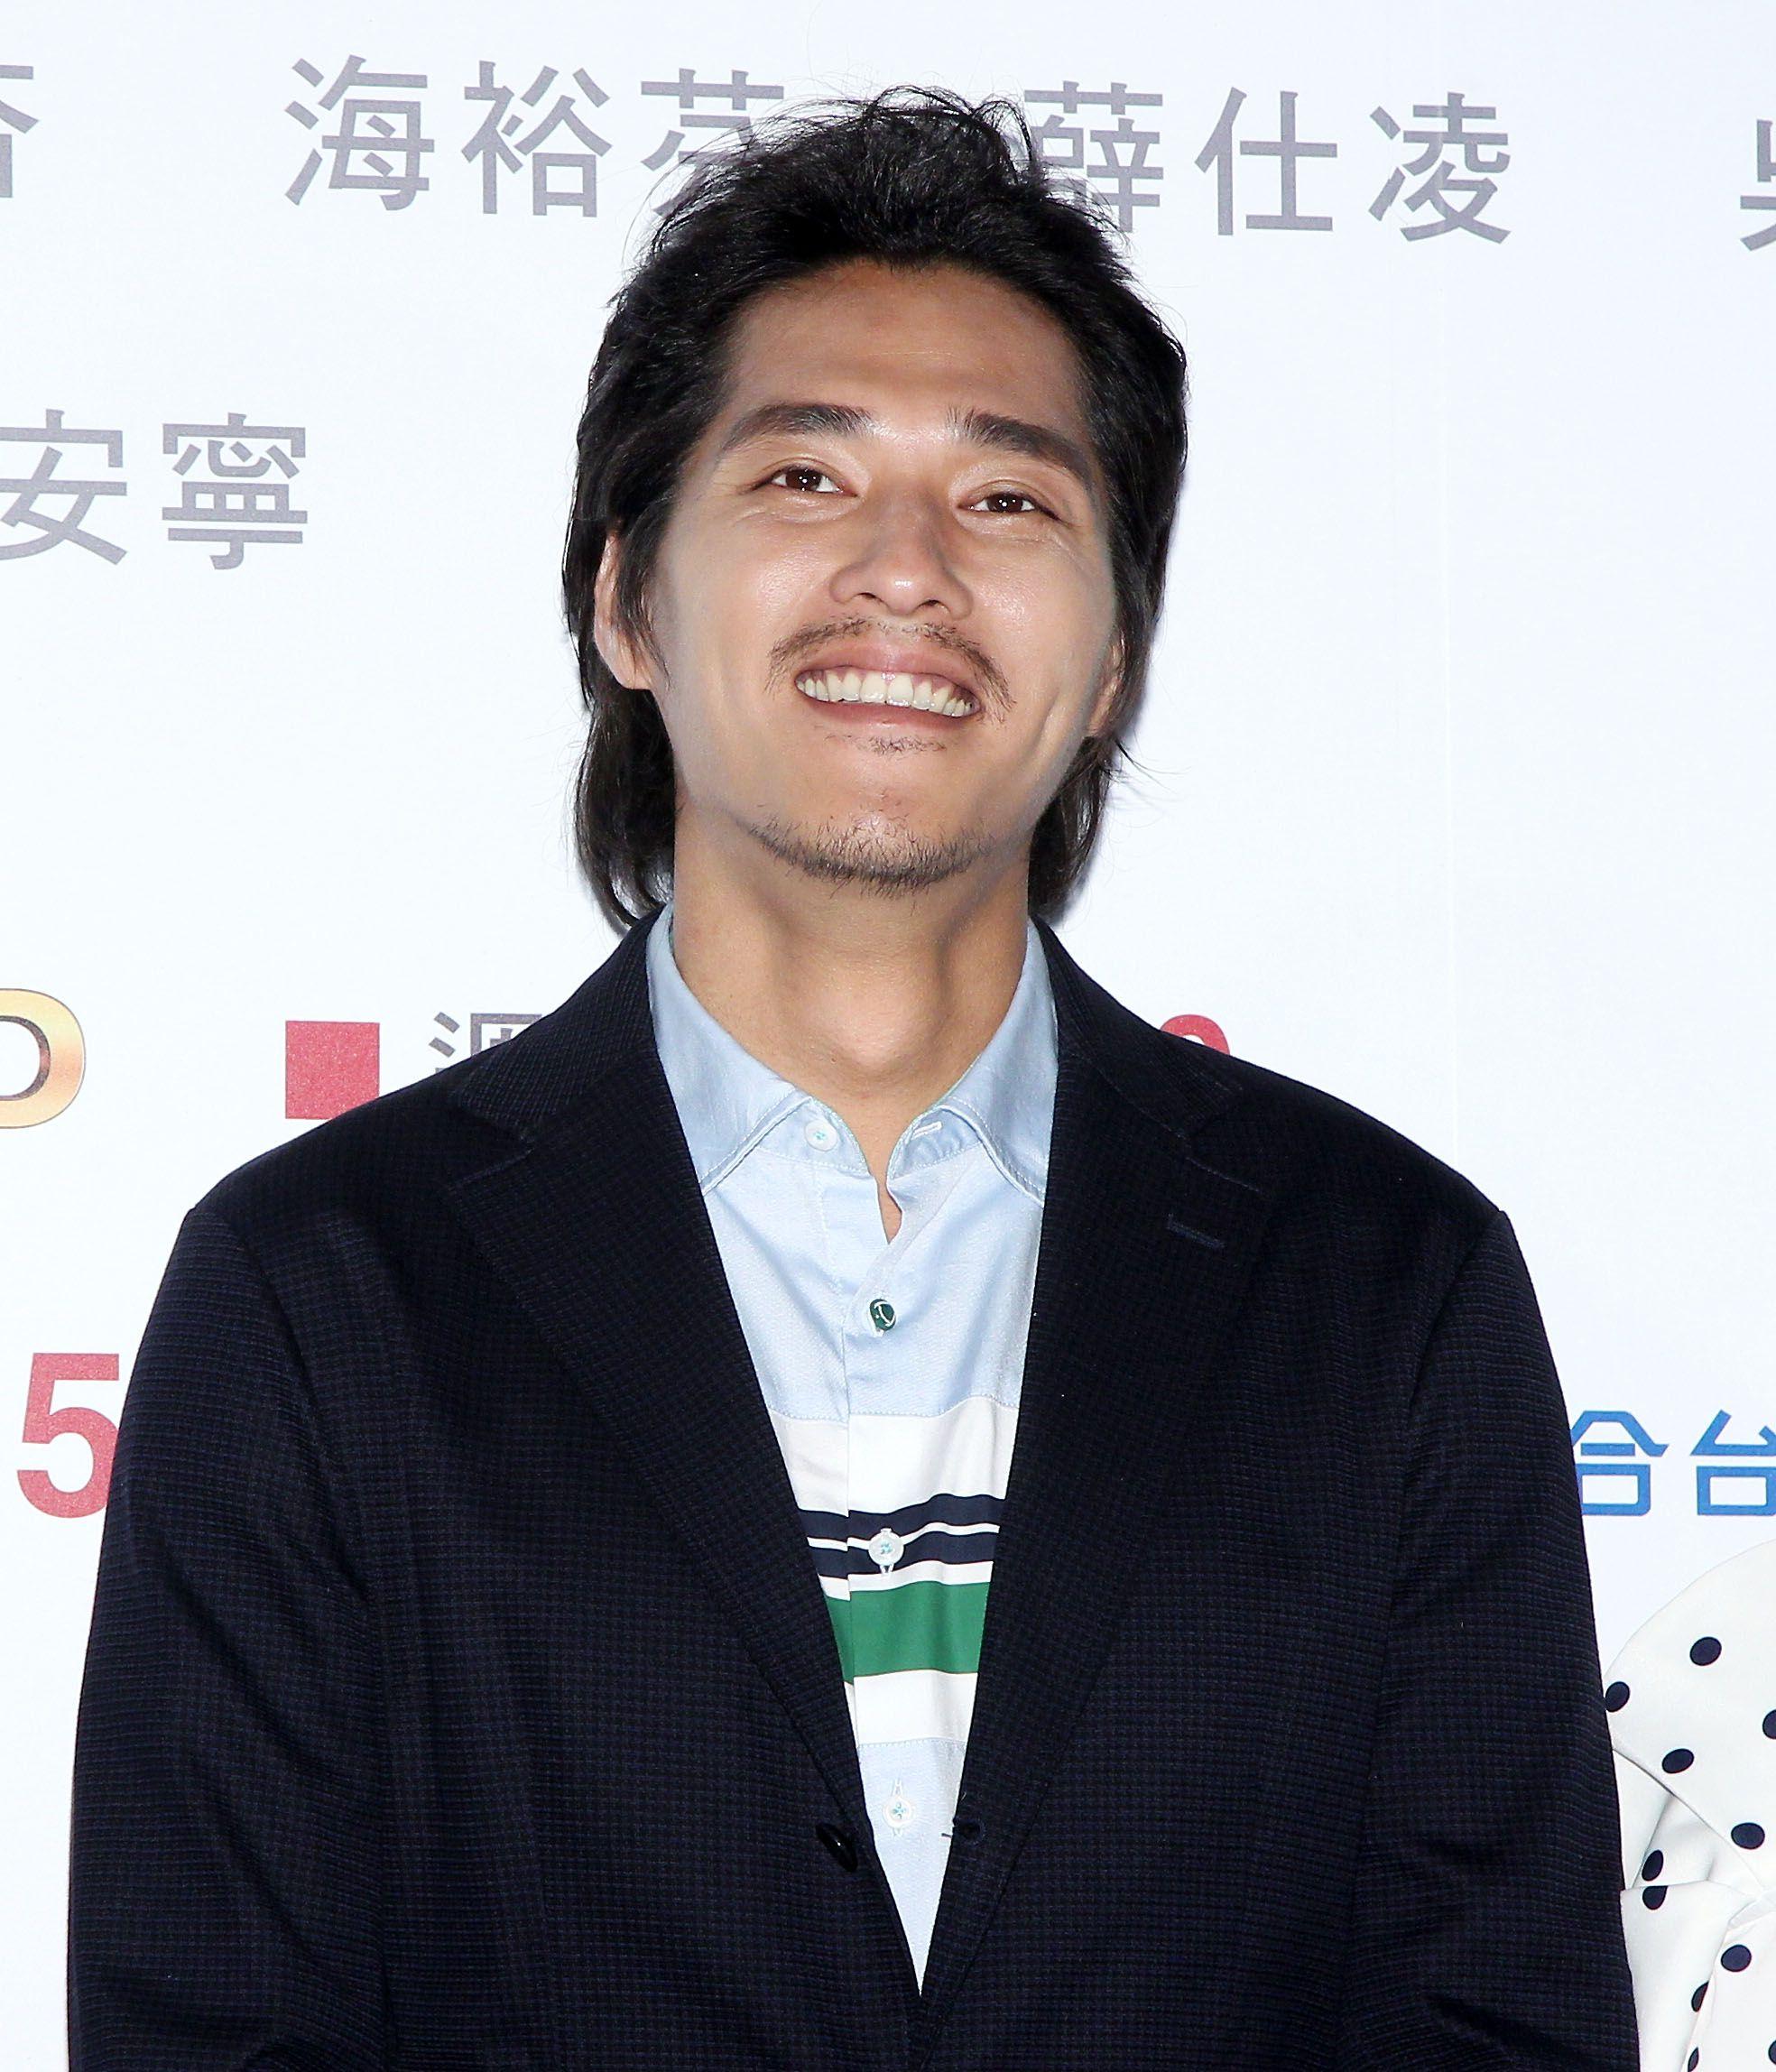 「前男友不是人」演員藍正龍。(記者邱榮吉/攝影)